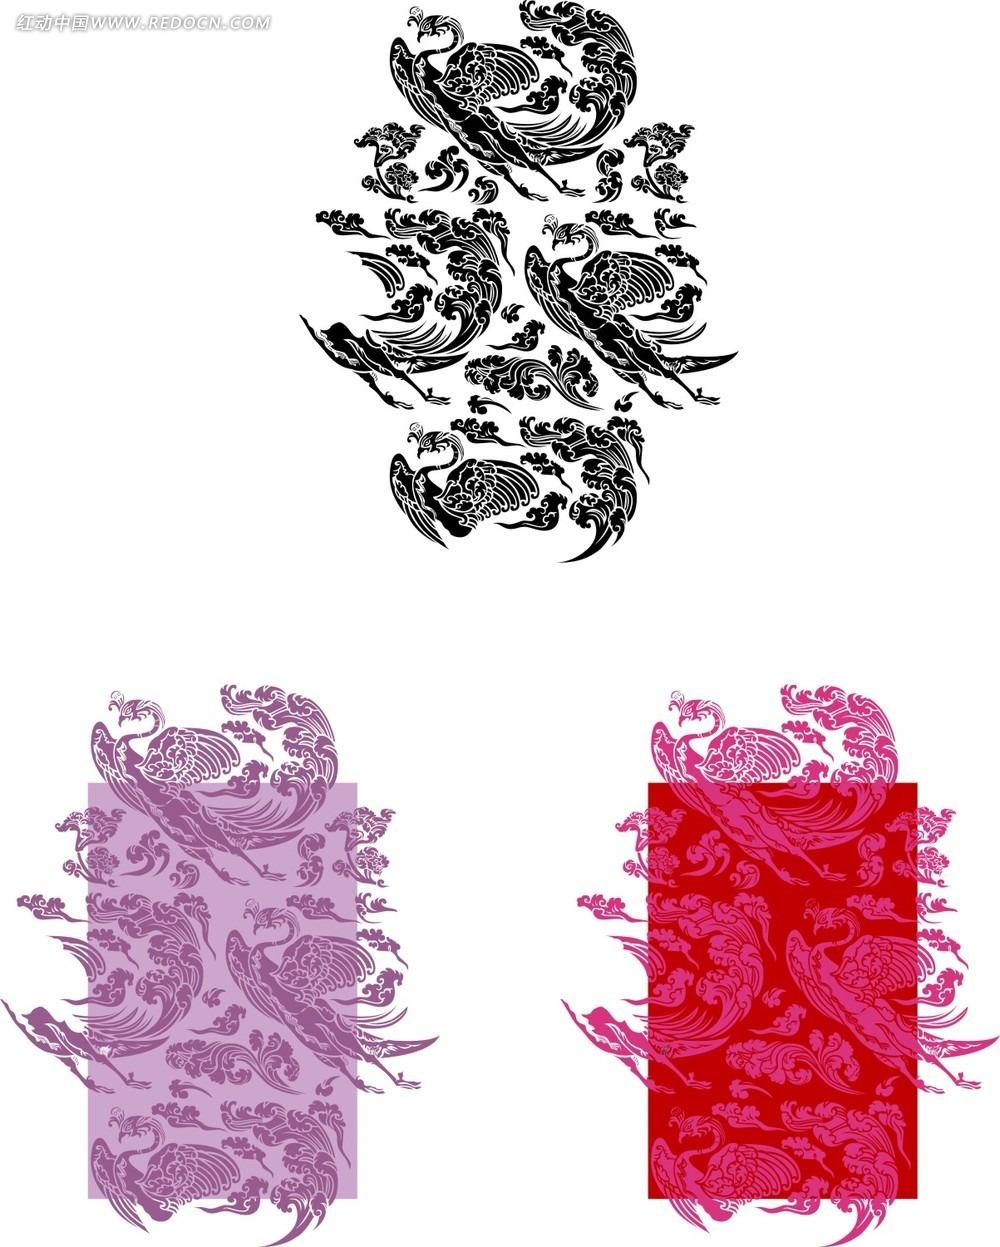 素材描述:红动网提供花纹花边精美素材免费下载,您当前访问素材主题是波浪纹底纹设计,编号是3170649,文件格式CDR,您下载的是一个压缩包文件,请解压后再使用看图软件打开,图片像素是1203*1500像素,素材大小 是371.06 KB。